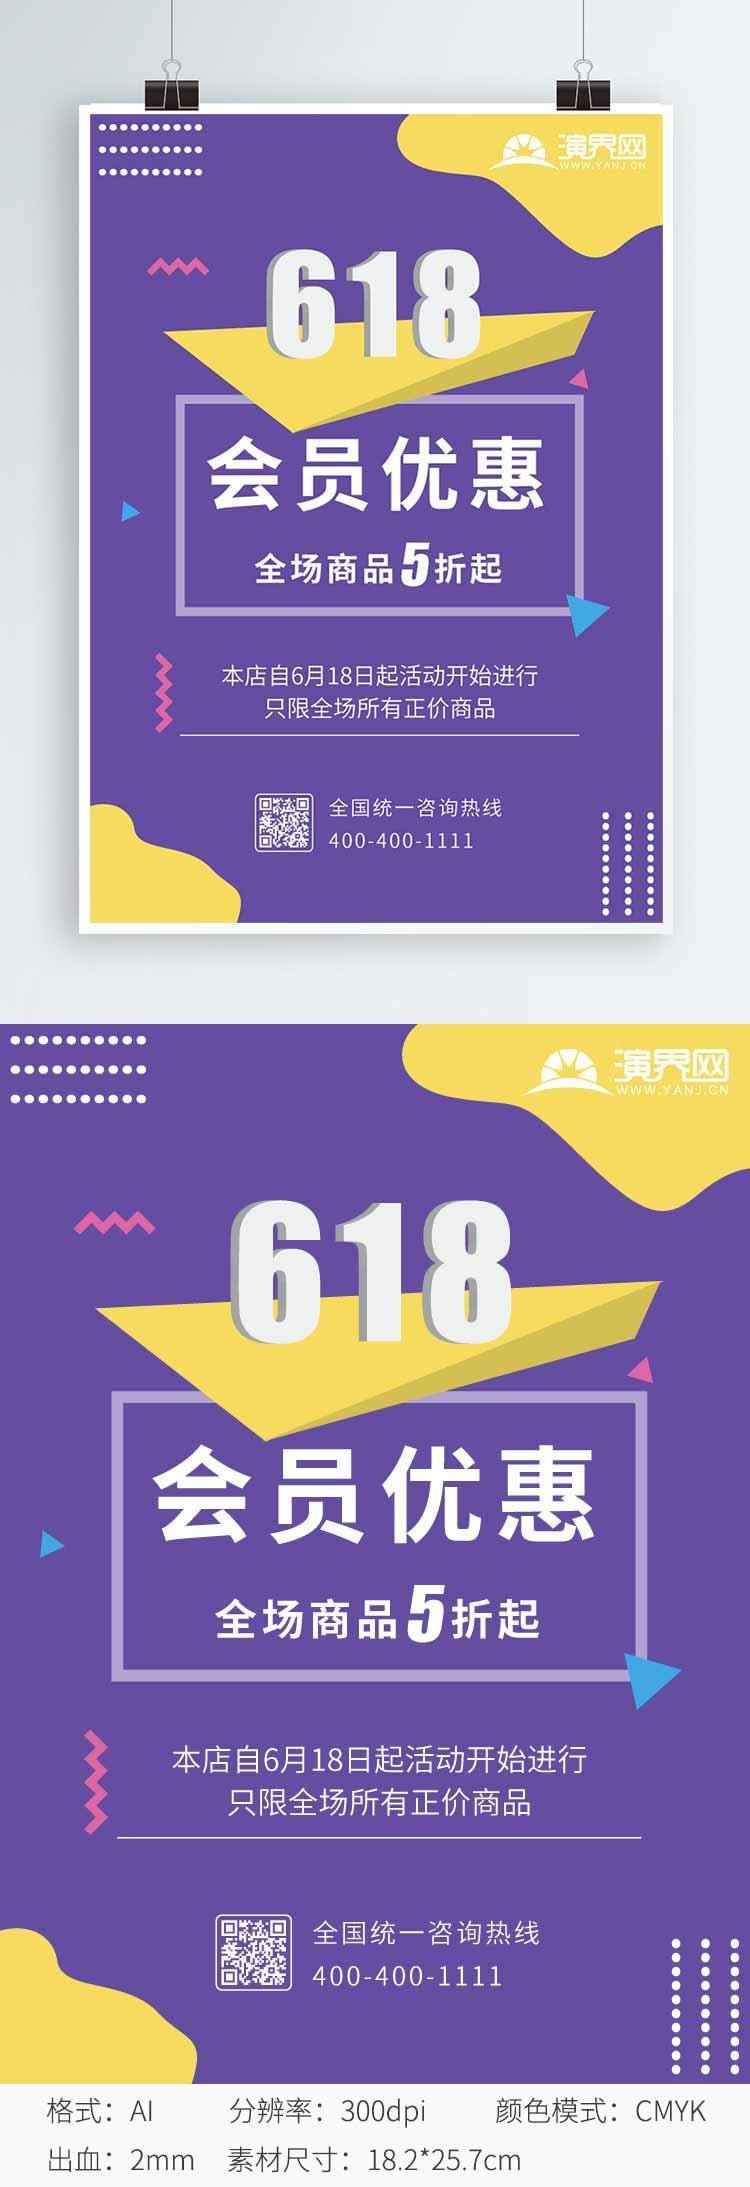 618紫色年中促销活动海报